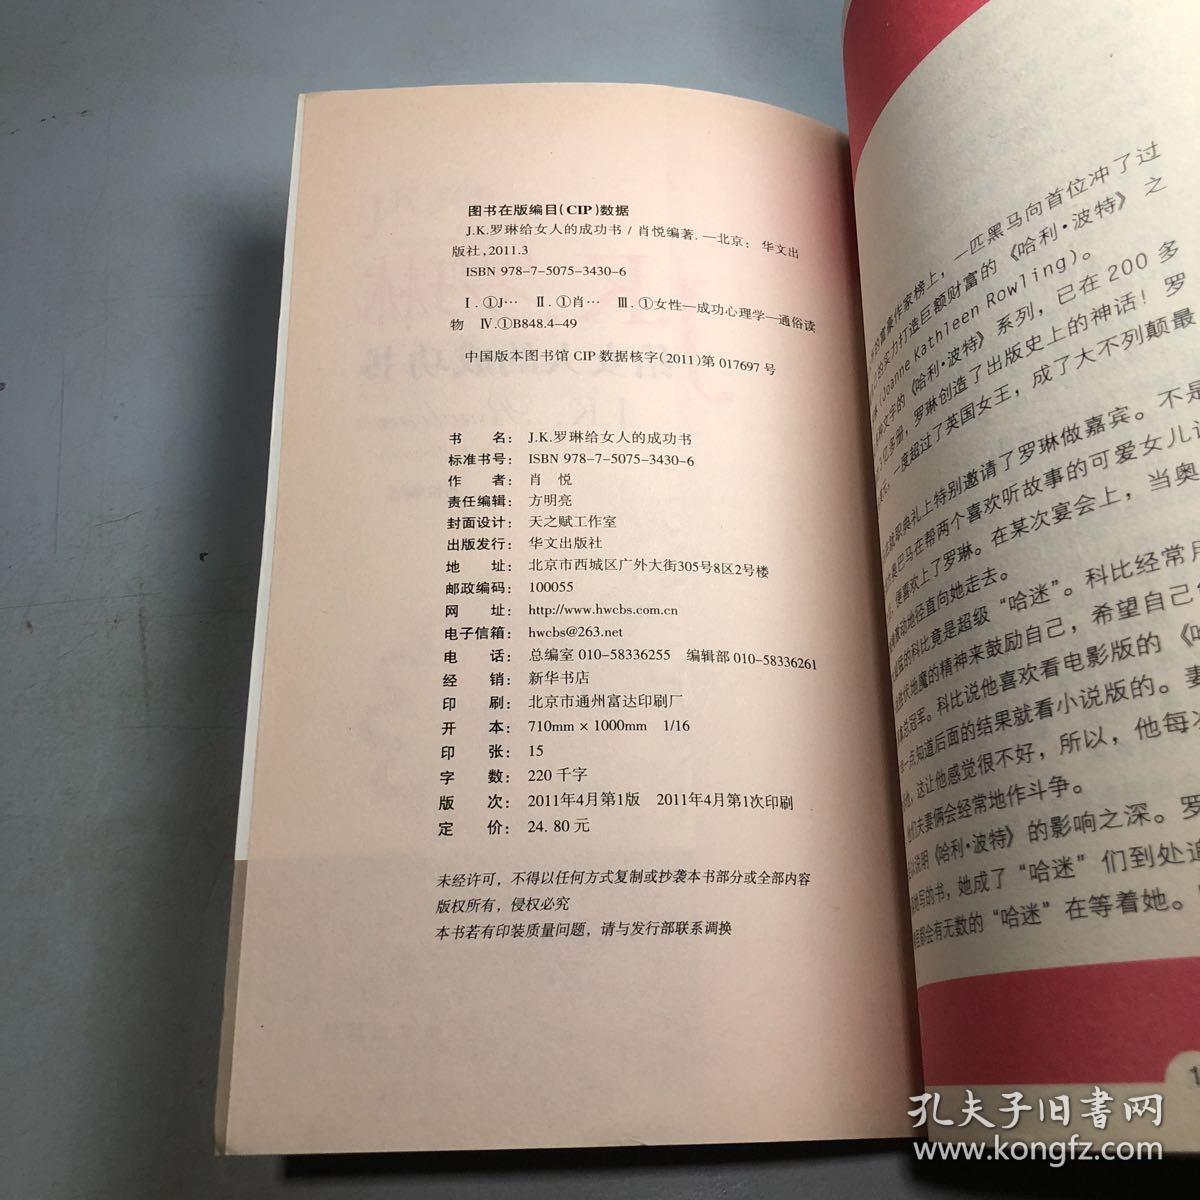 女人的阴性部囹�a��)�j�9�k�)�h�_j.k.罗琳给女人的成功书